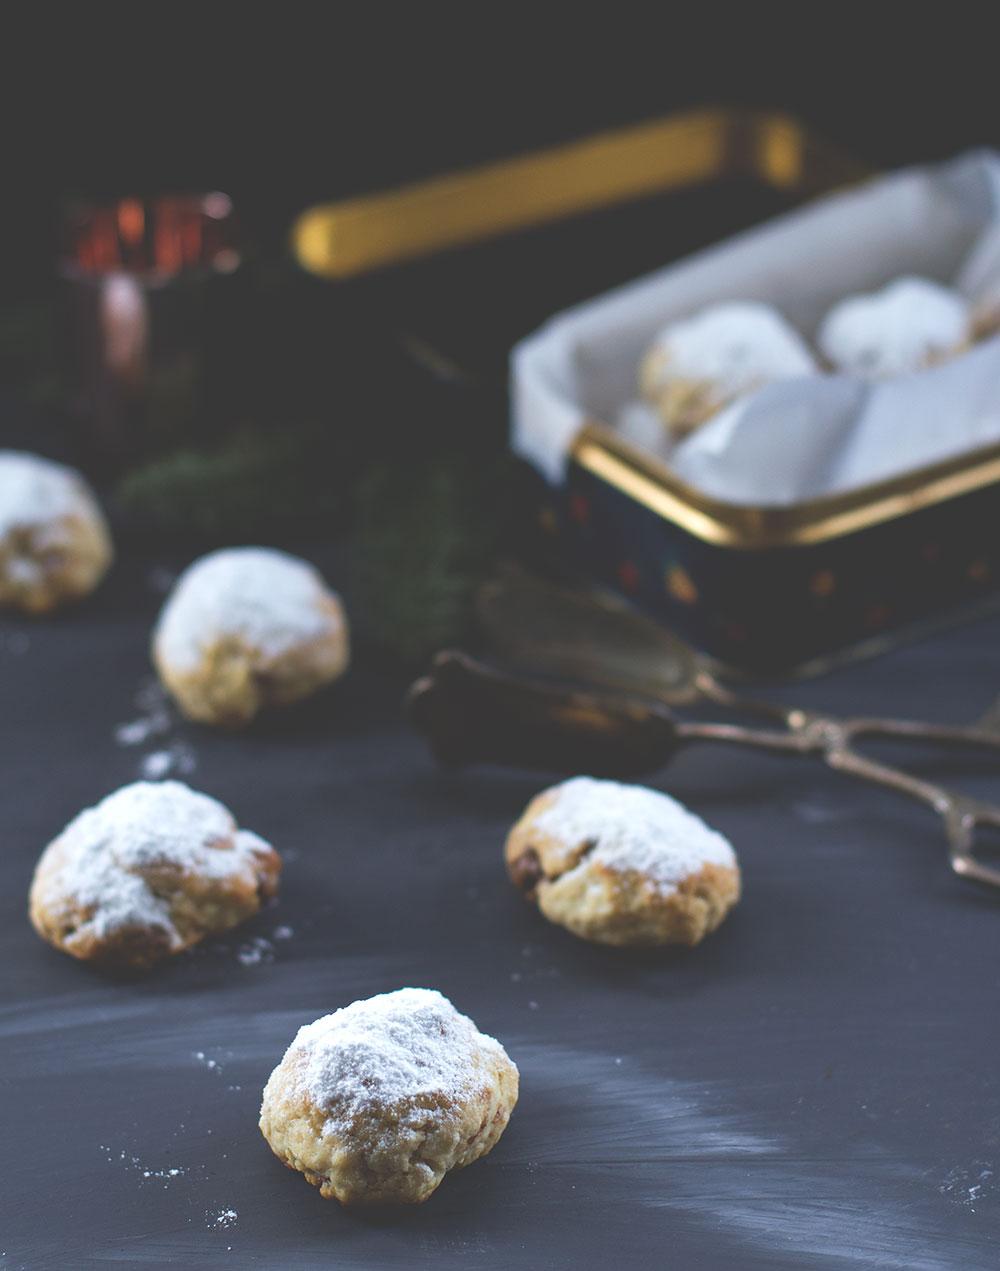 Rezept für Nougat-Stollenkonfekt mit Mandeln | moeyskitchen.com #stollenkonfekt #nougatstollen #weihnachtsplätzchen #weihnachtskekse #weihnachtsbäckerei #rezepte #foodblogger